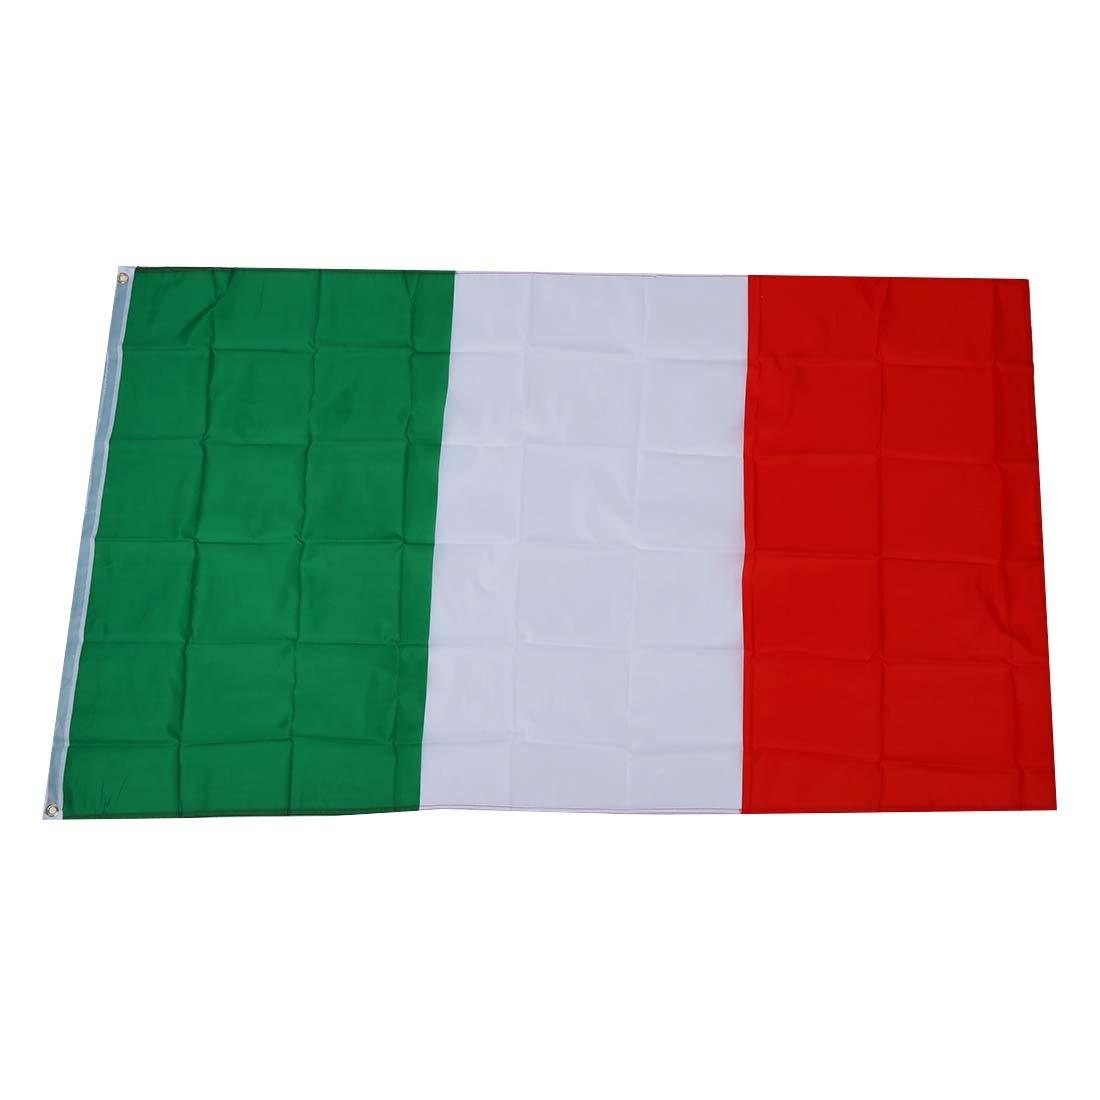 SODIAL (R) Grande 90x150cm 5 X 3FT tifosi Olimpiadi National Sports bandiere con passacavo - bandiera italiana SODIAL(R)